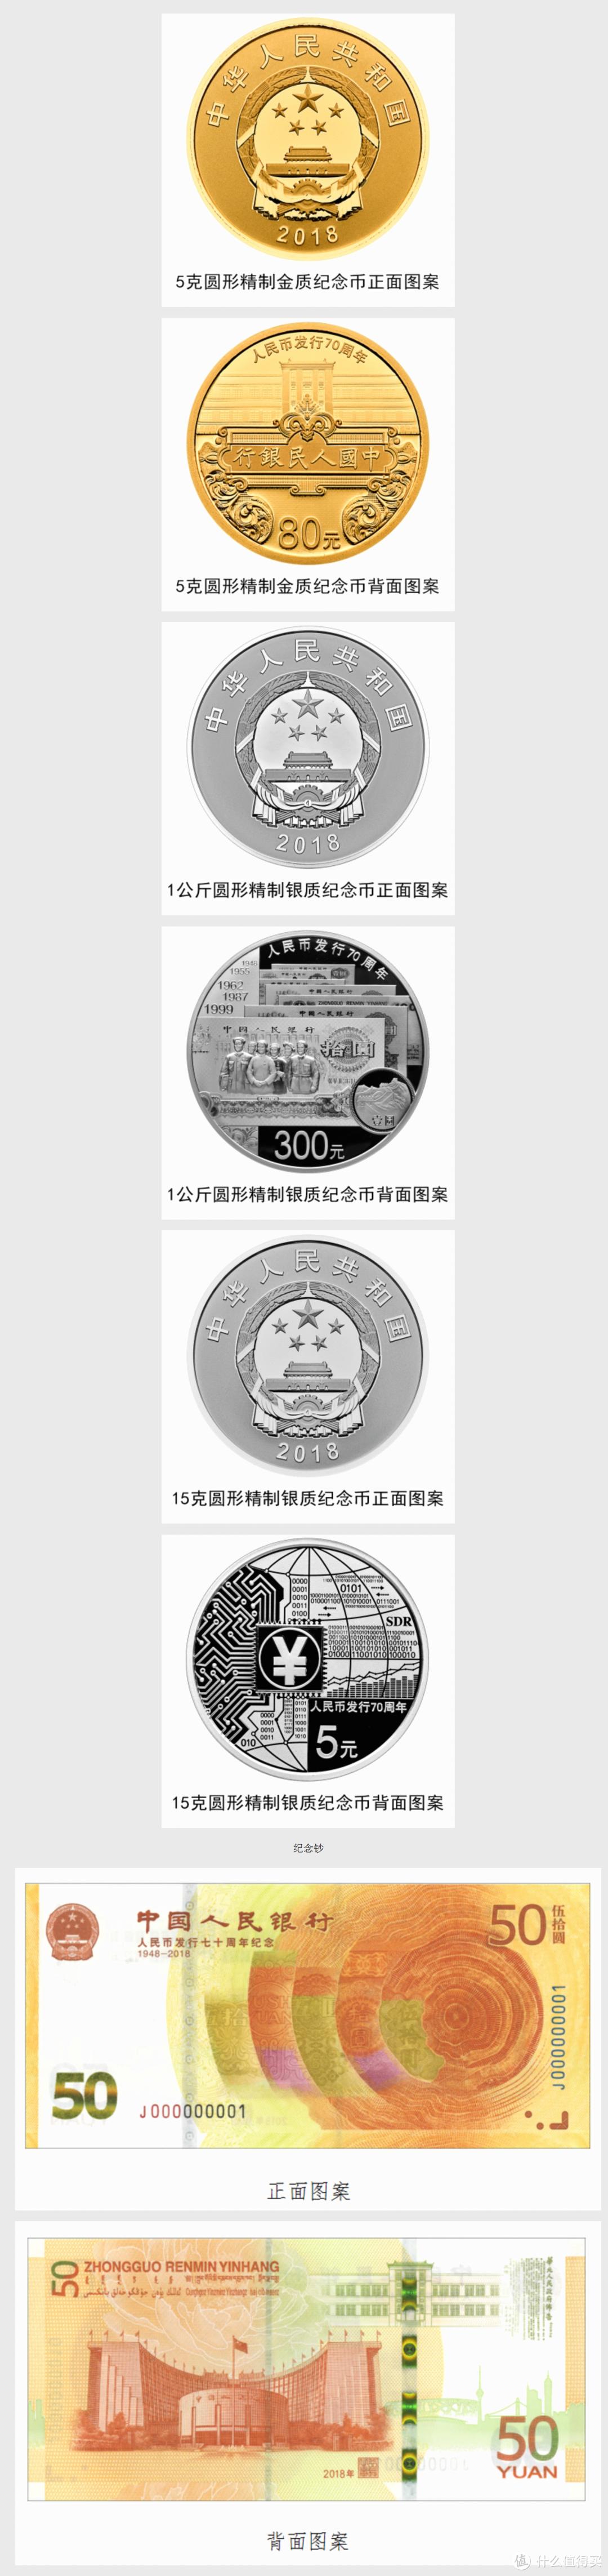 人民币发行70周年纪念钞 30日起可预约